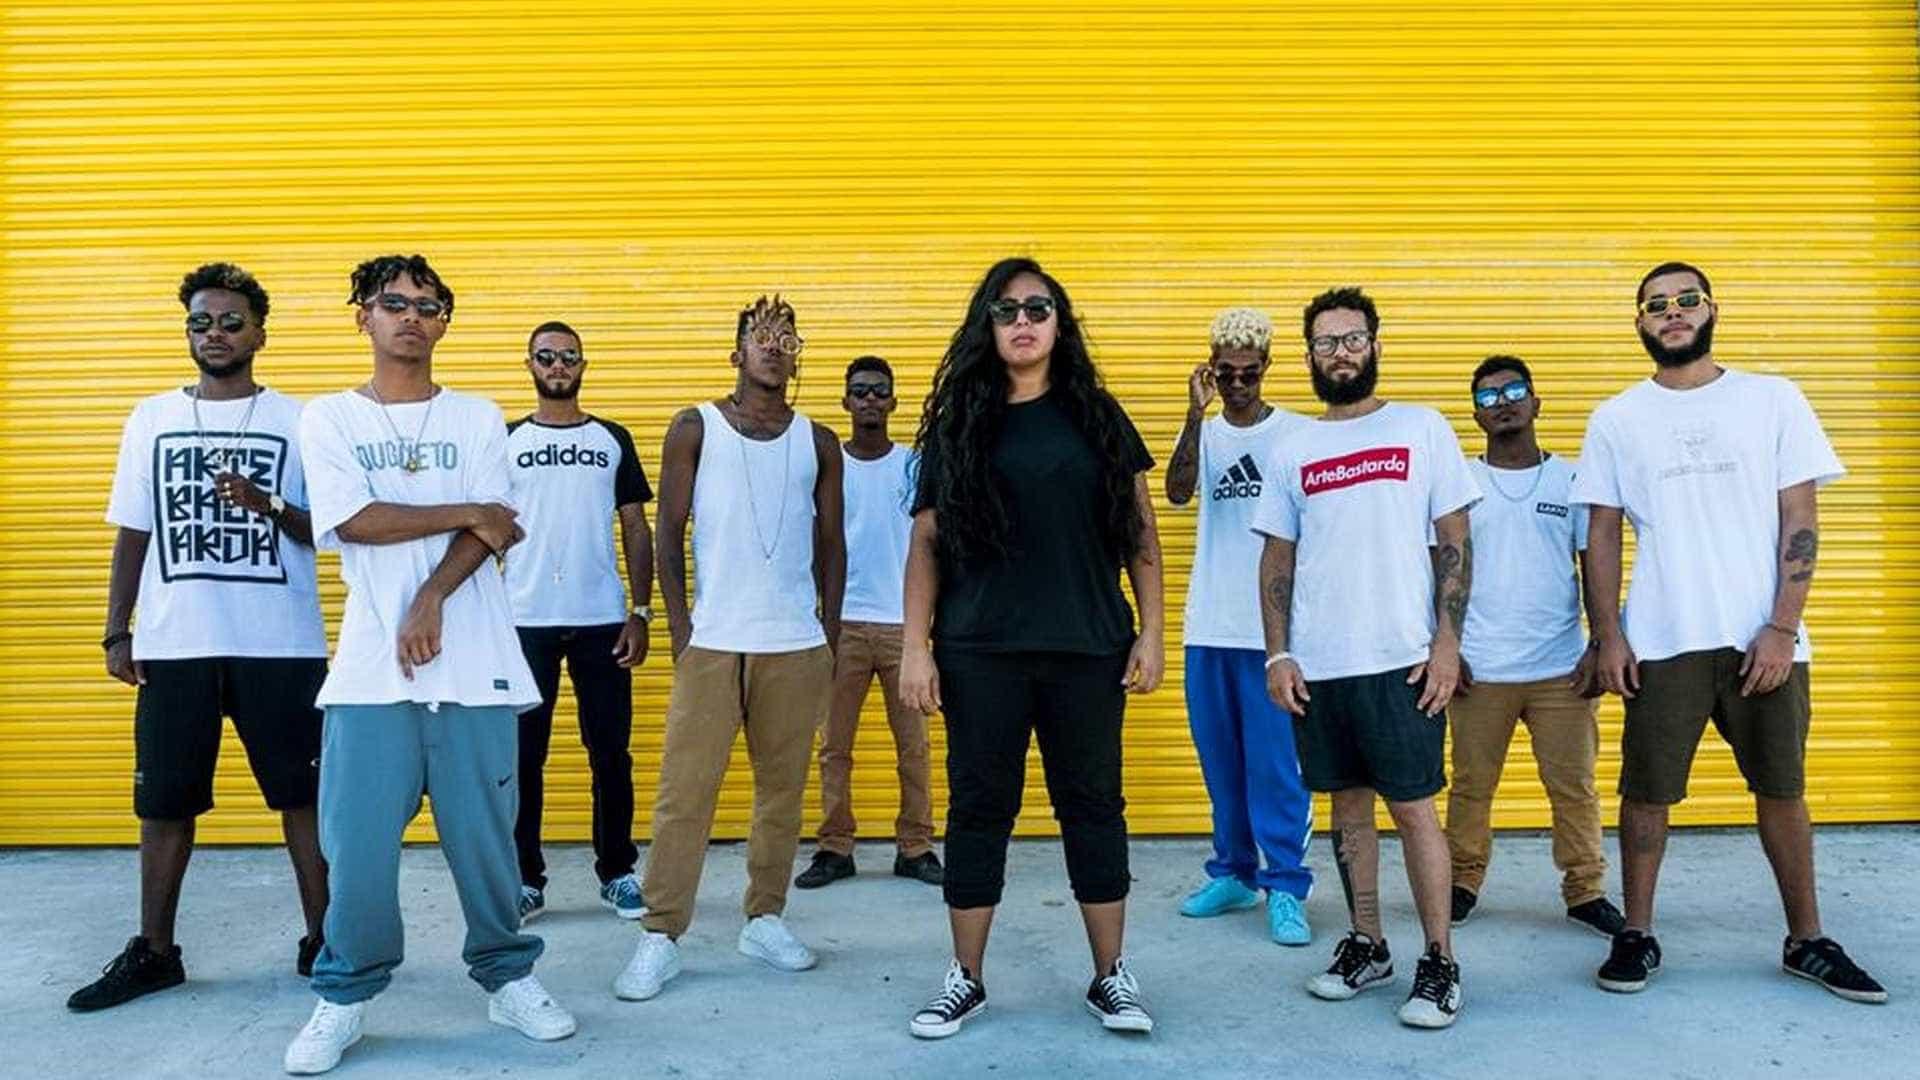 Na ressaca do axé, banda Afrocidade mostra música indecifrável em SP